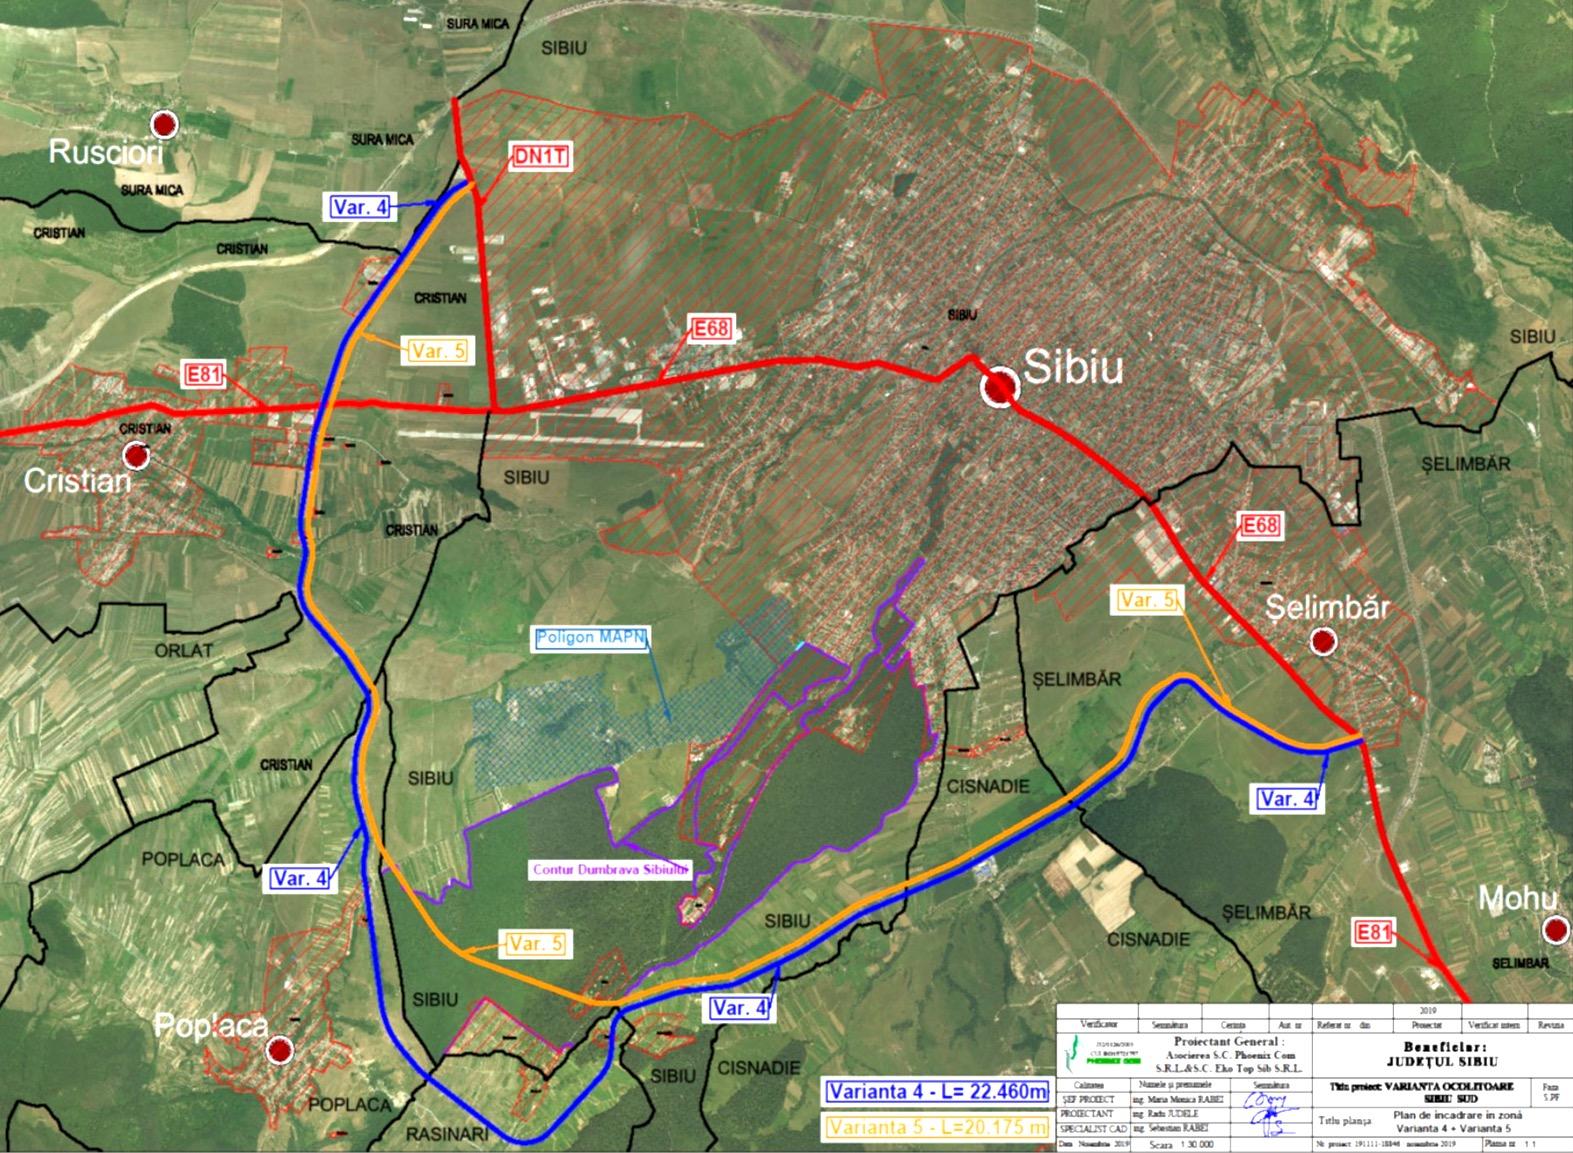 Ce proiecte majore de la București ar vrea să preia Consiliul Județean și Primăria Sibiu